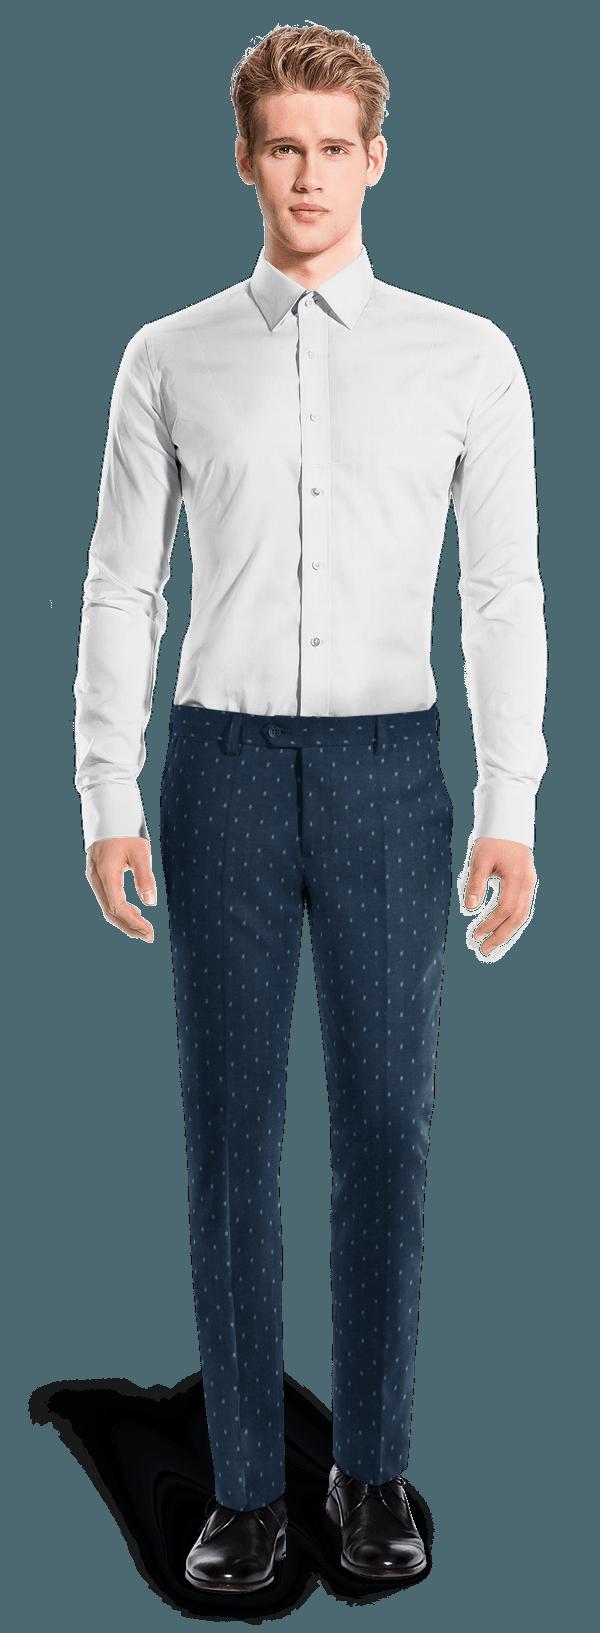 Pantaloni blu micropattern